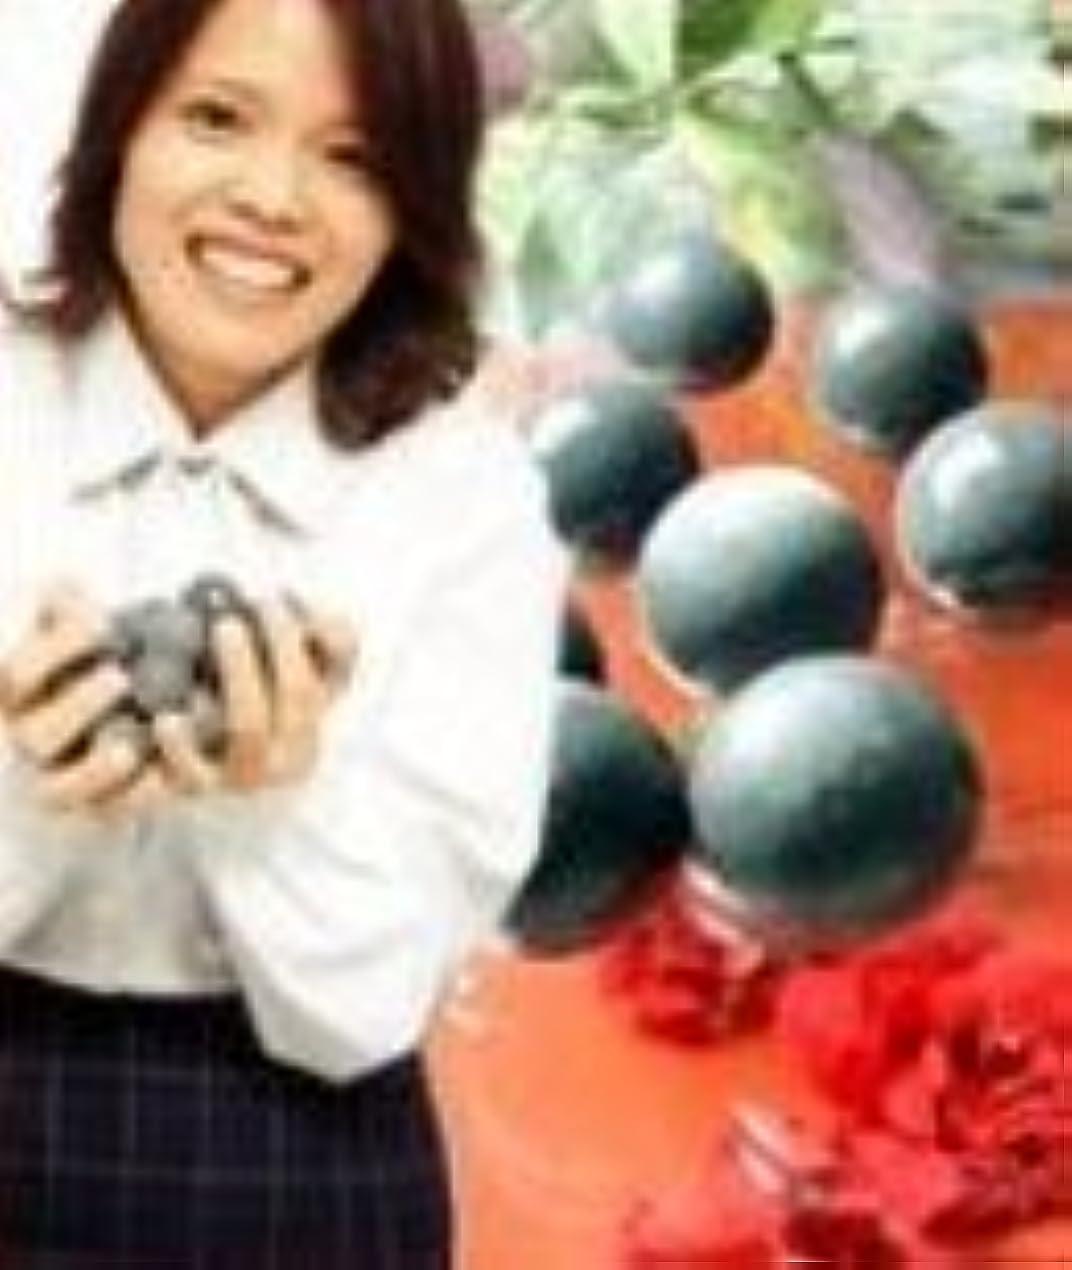 負荷省隣接するゲルマボール ゲルマニウム温浴ができるゲルマニウム温浴ボール 10個 ゲルマ温浴ボール